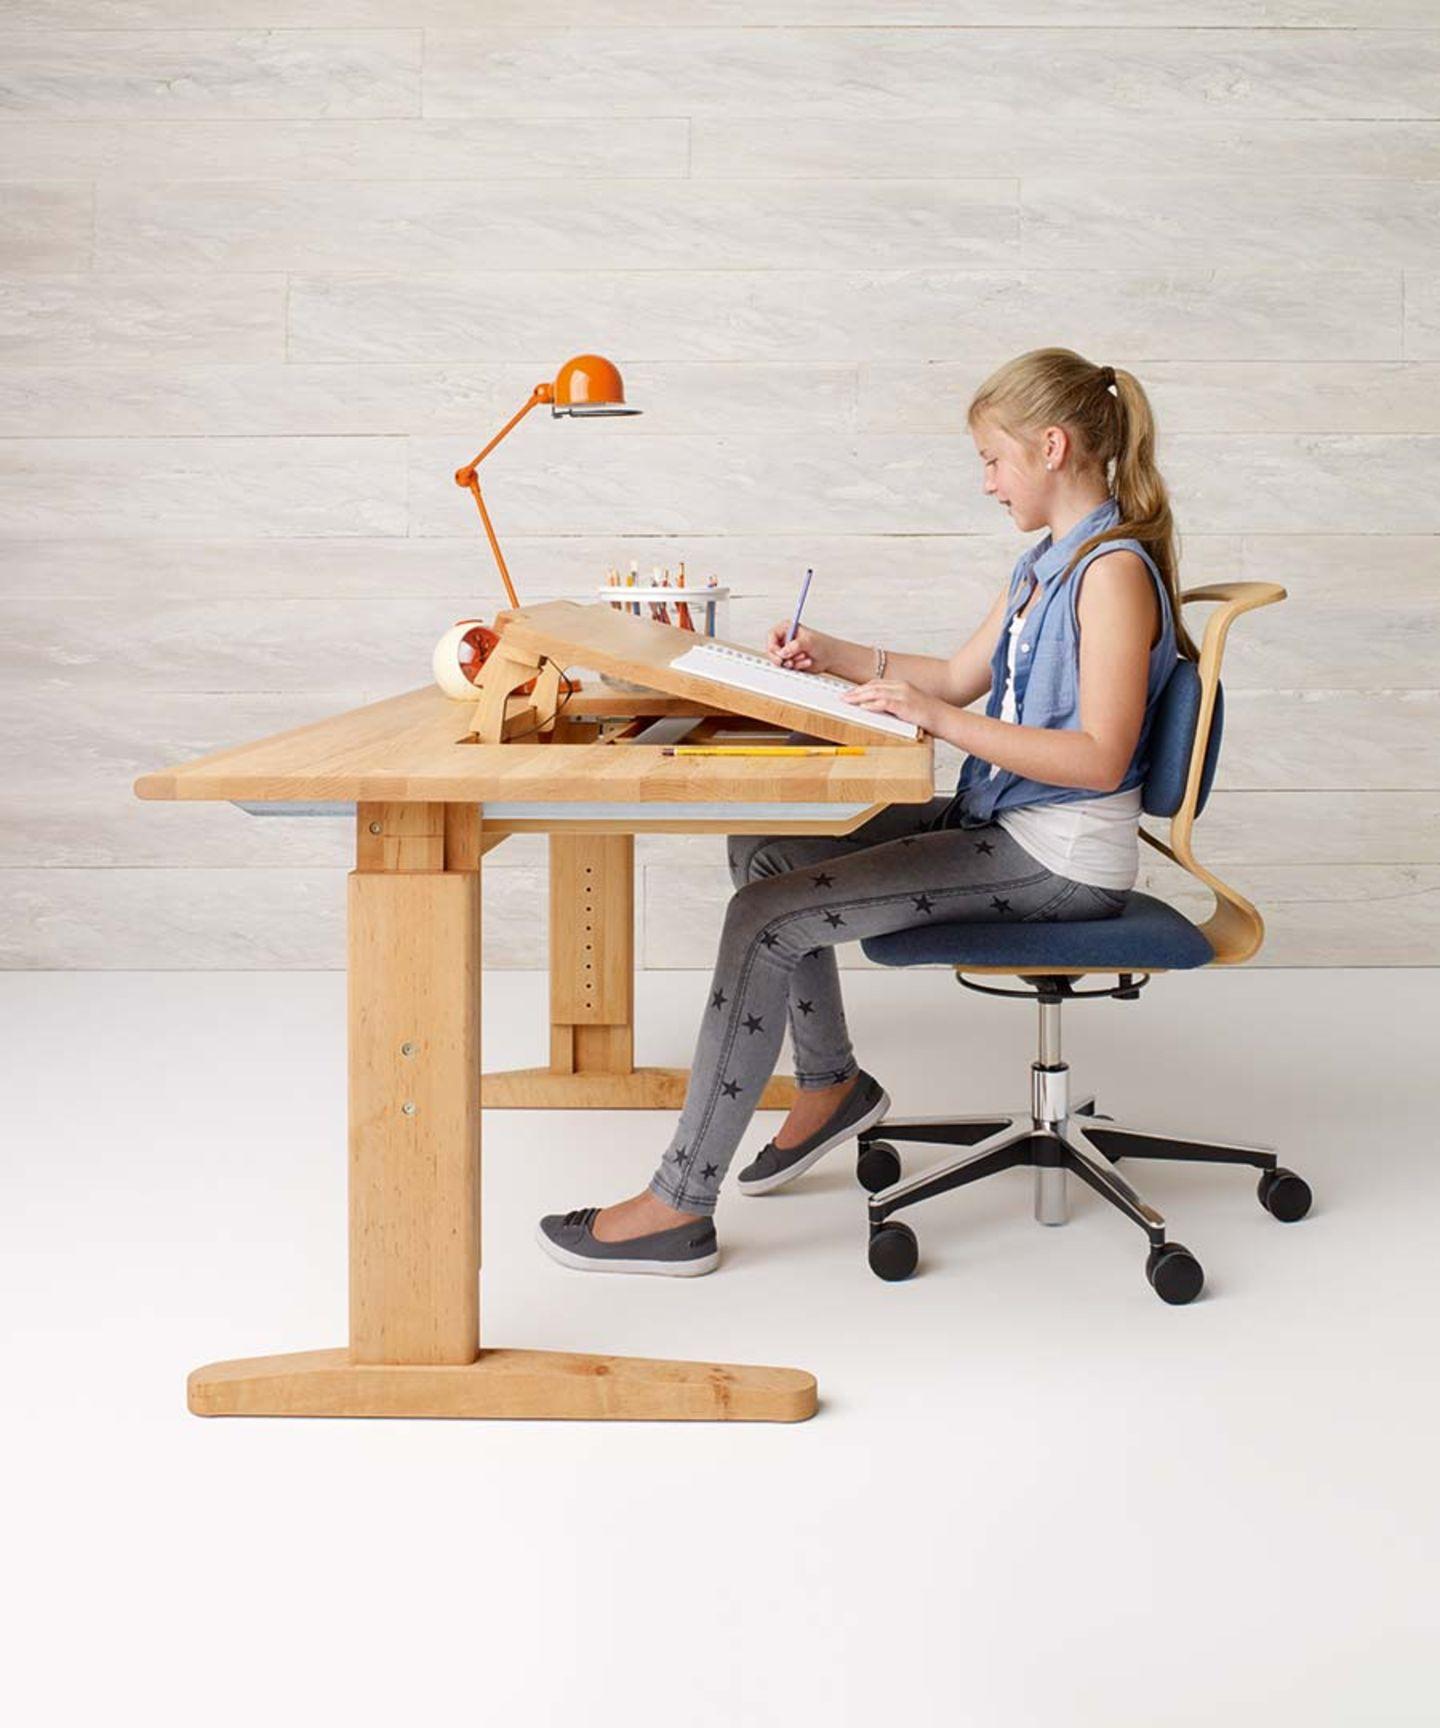 Chaises pivotantes mobile ergonomiques pour enfants et adolescents